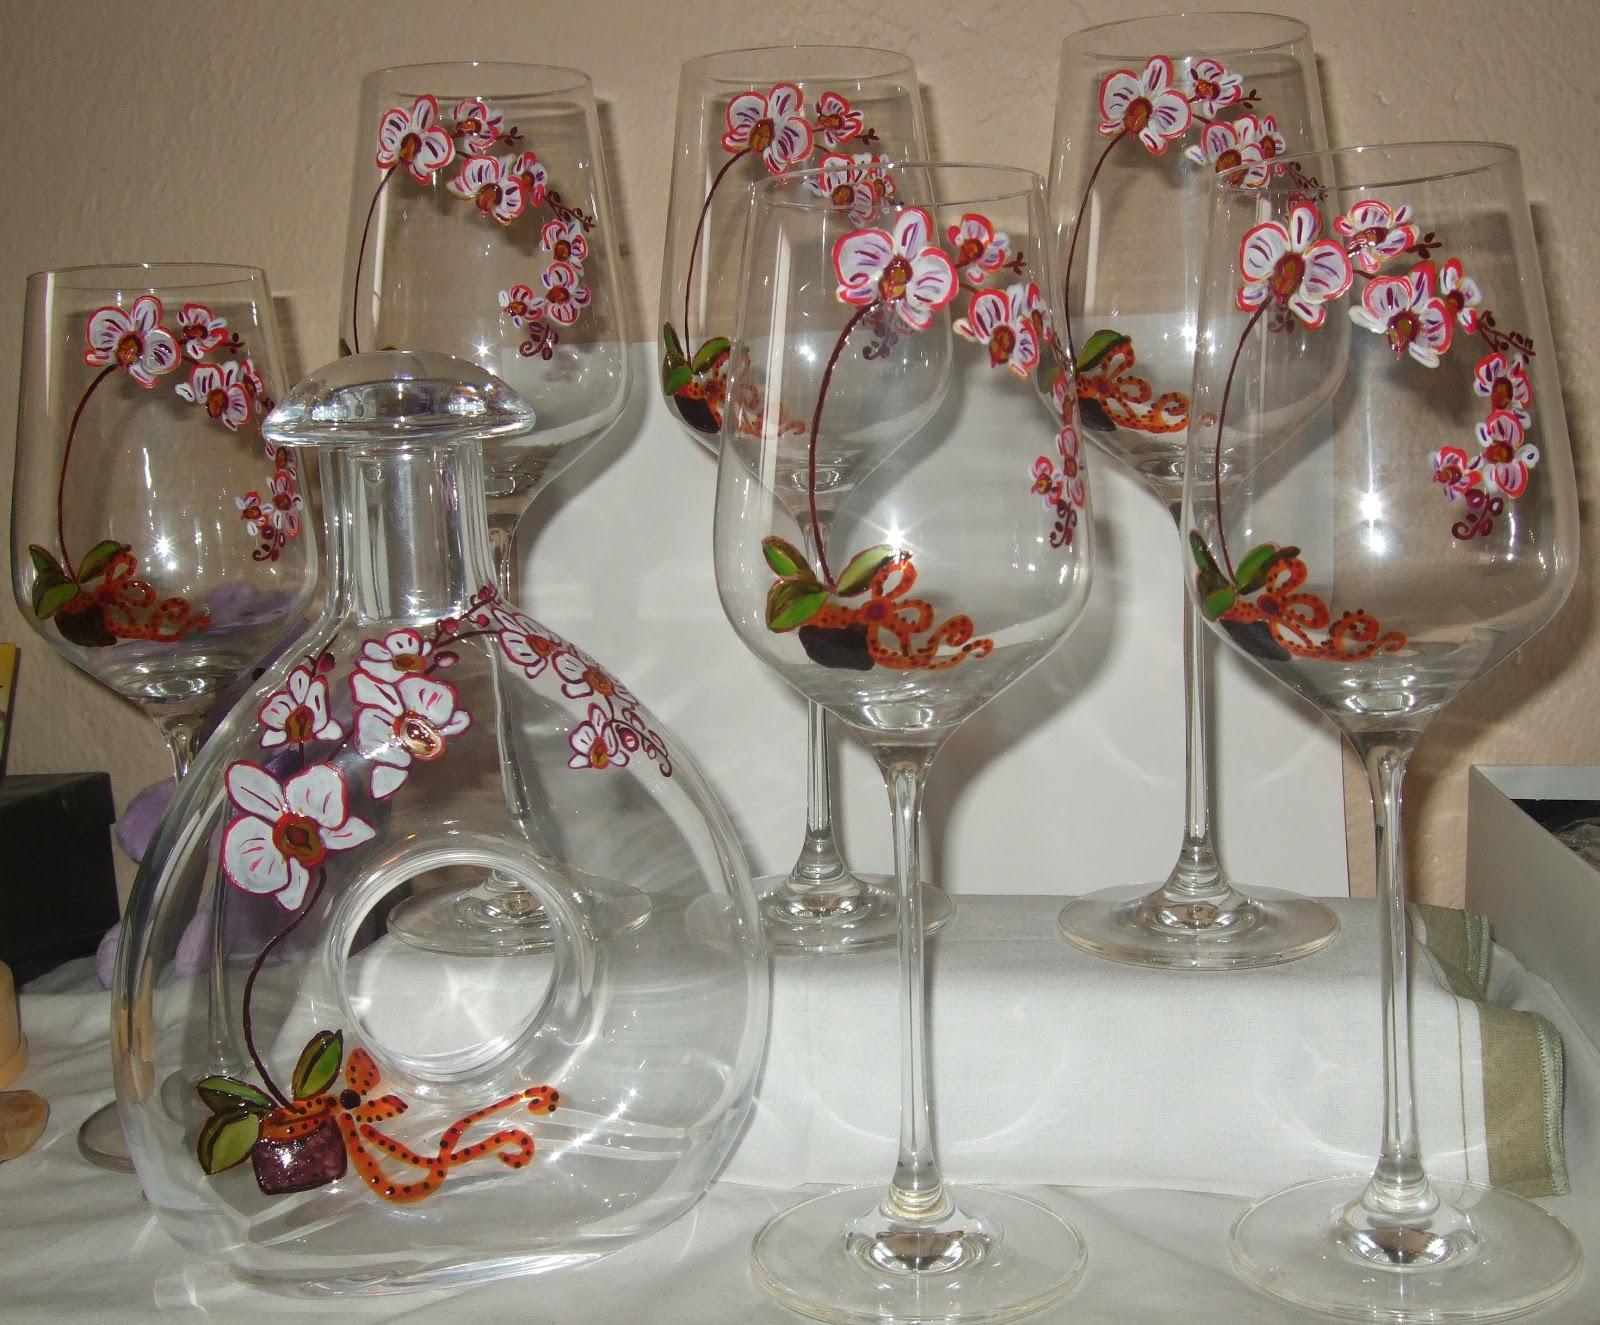 Ma peinture sur verre par ingrid cr ation ensemble orchid e for Enlever peinture sur verre